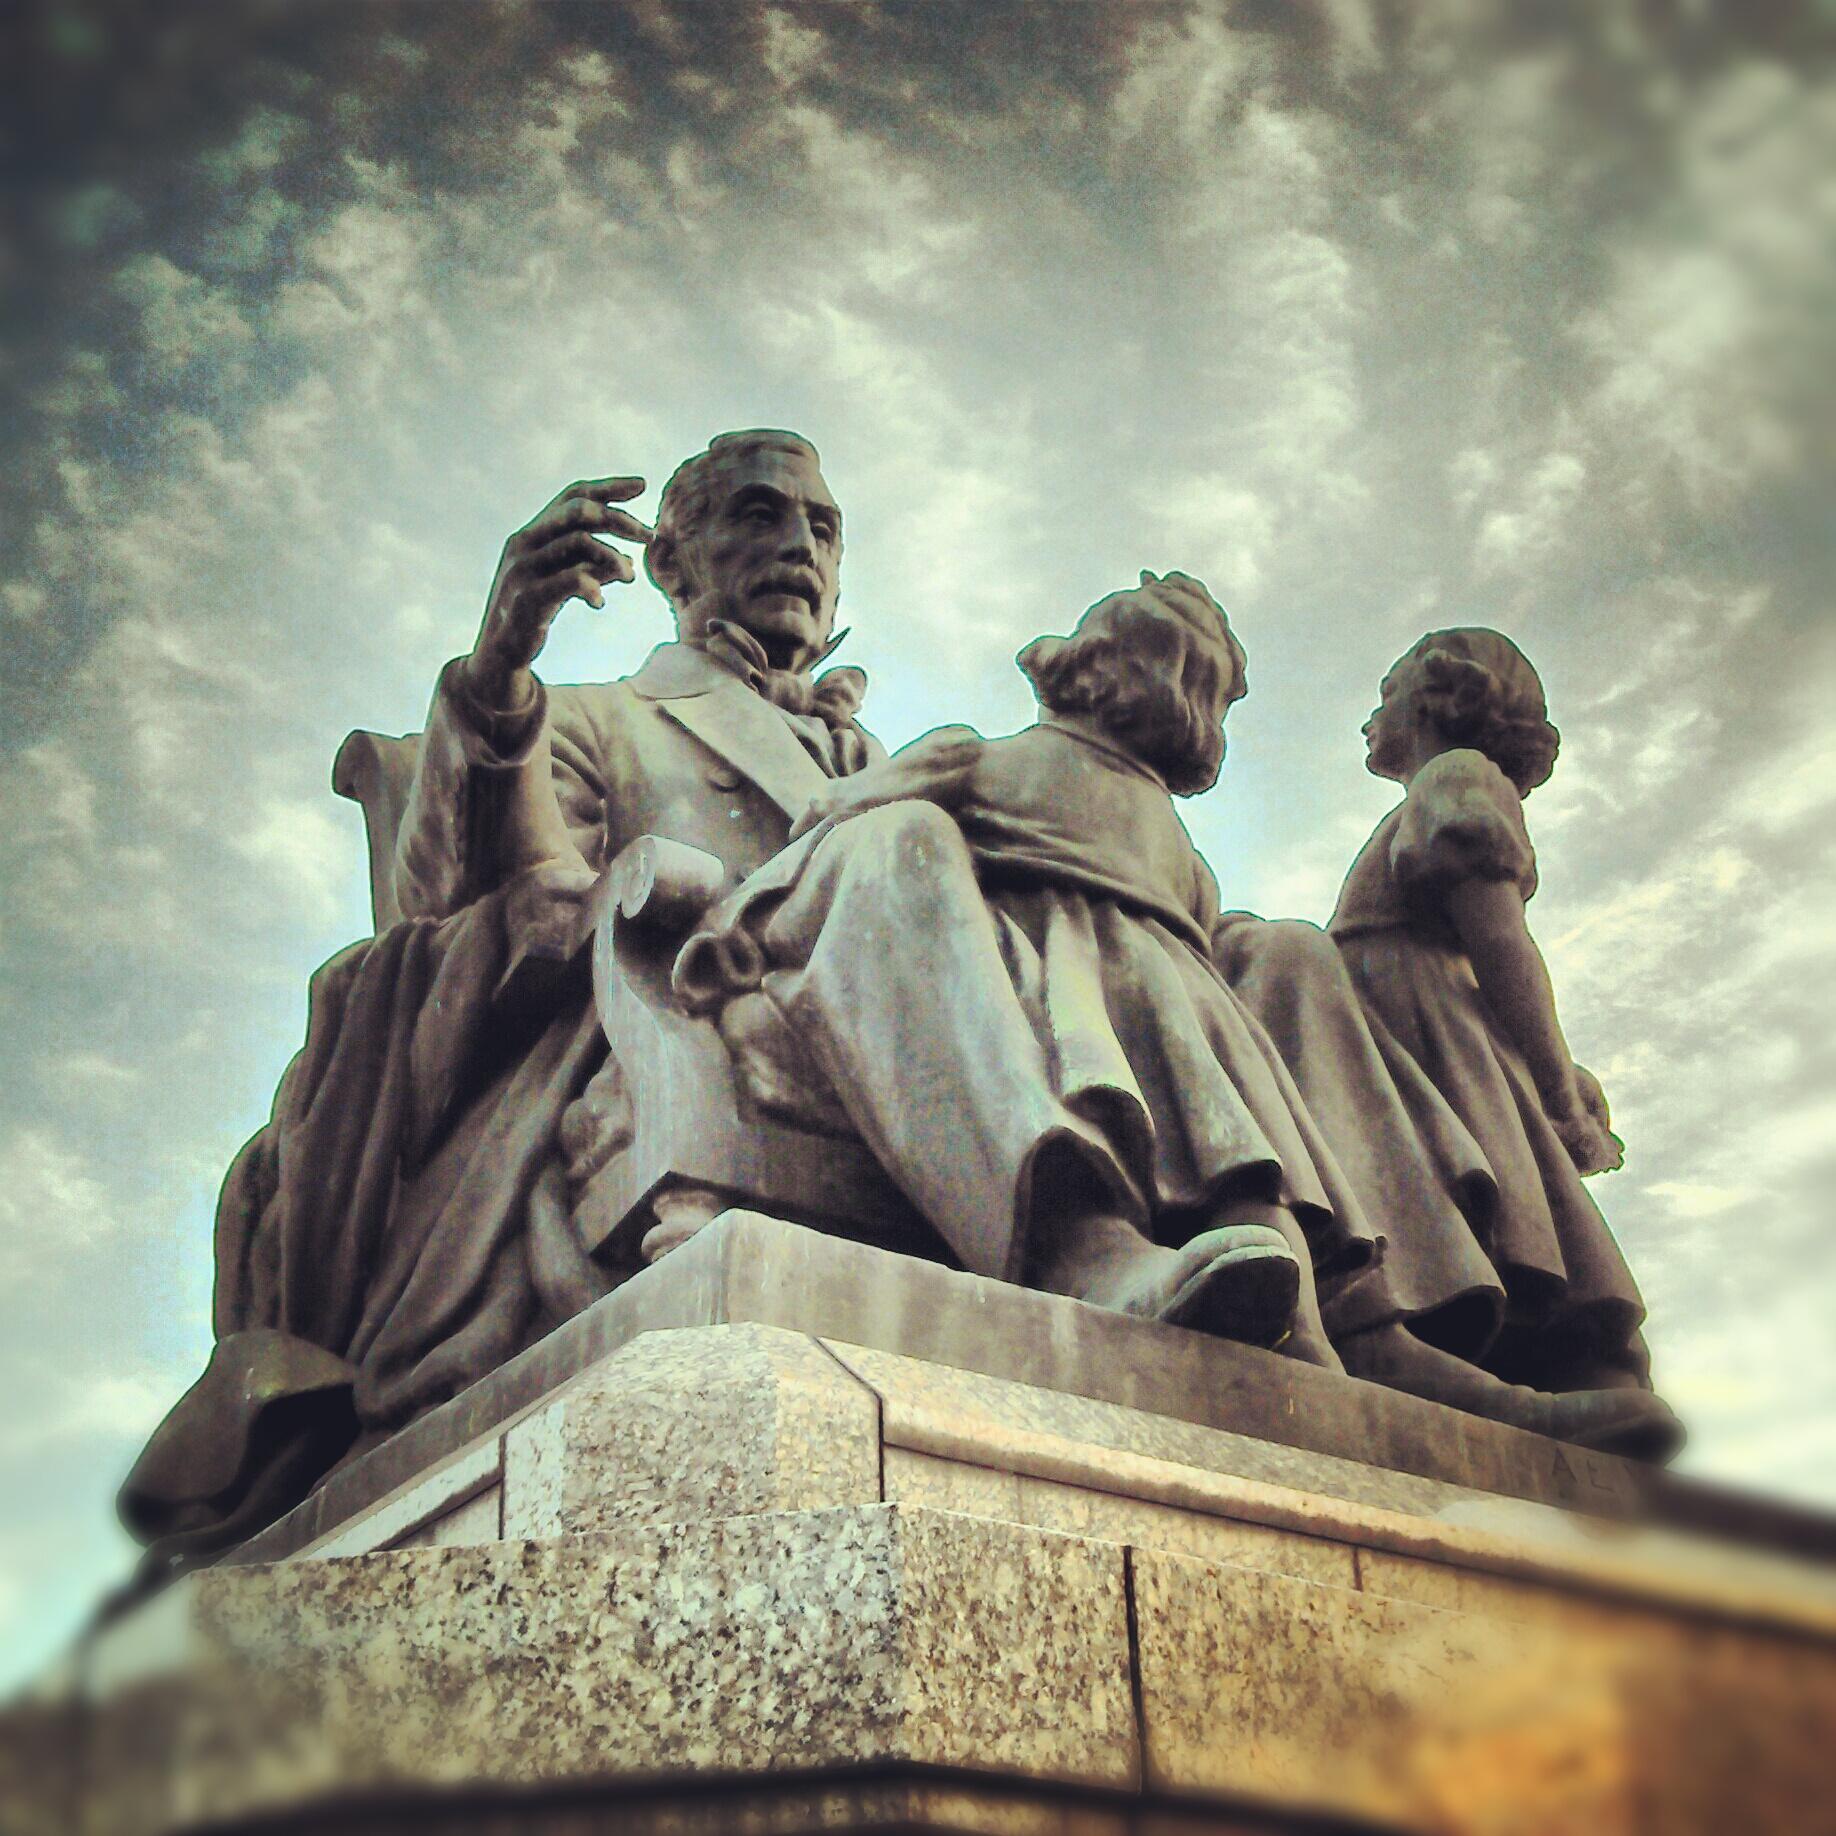 El abuelo inmortal - San Martín junto a sus dos nietas